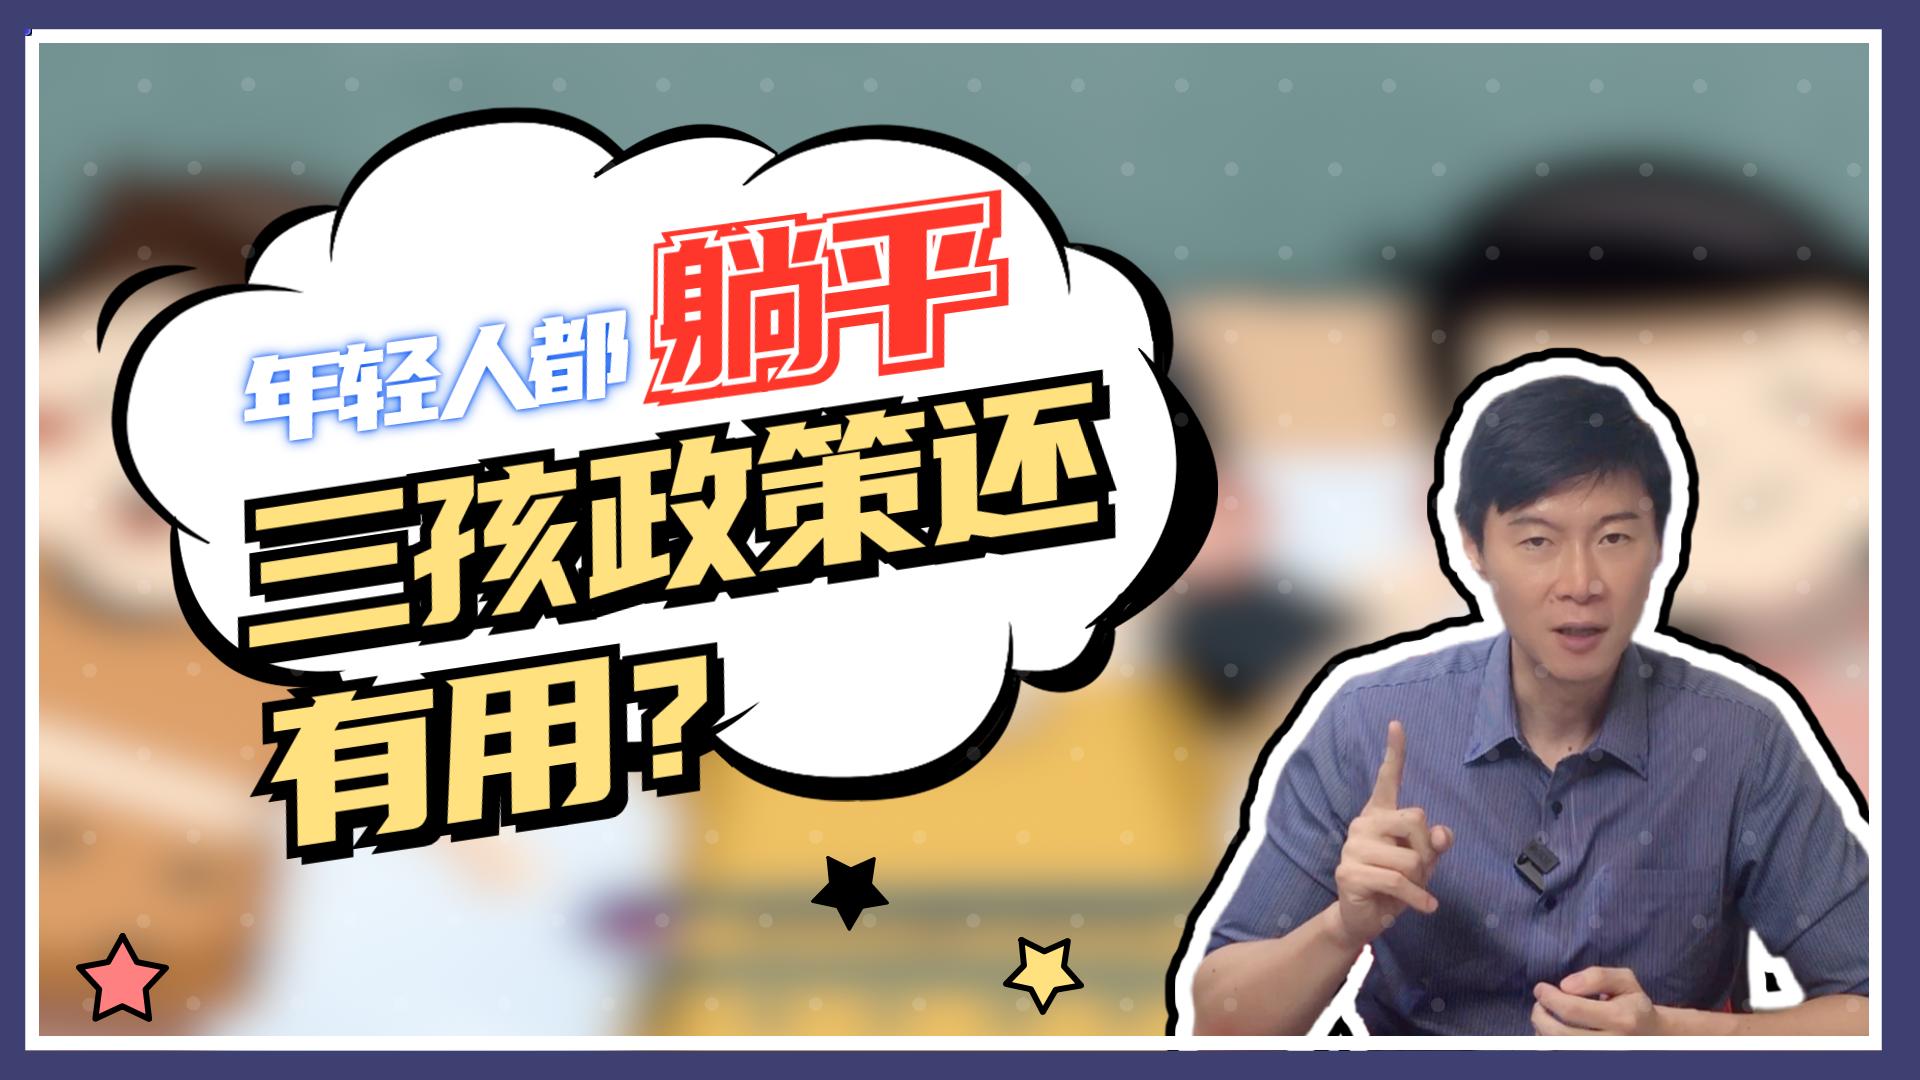 台湾柳声机13 一孩都不想生 三孩政策还有用吗?网友:自己都养不活了